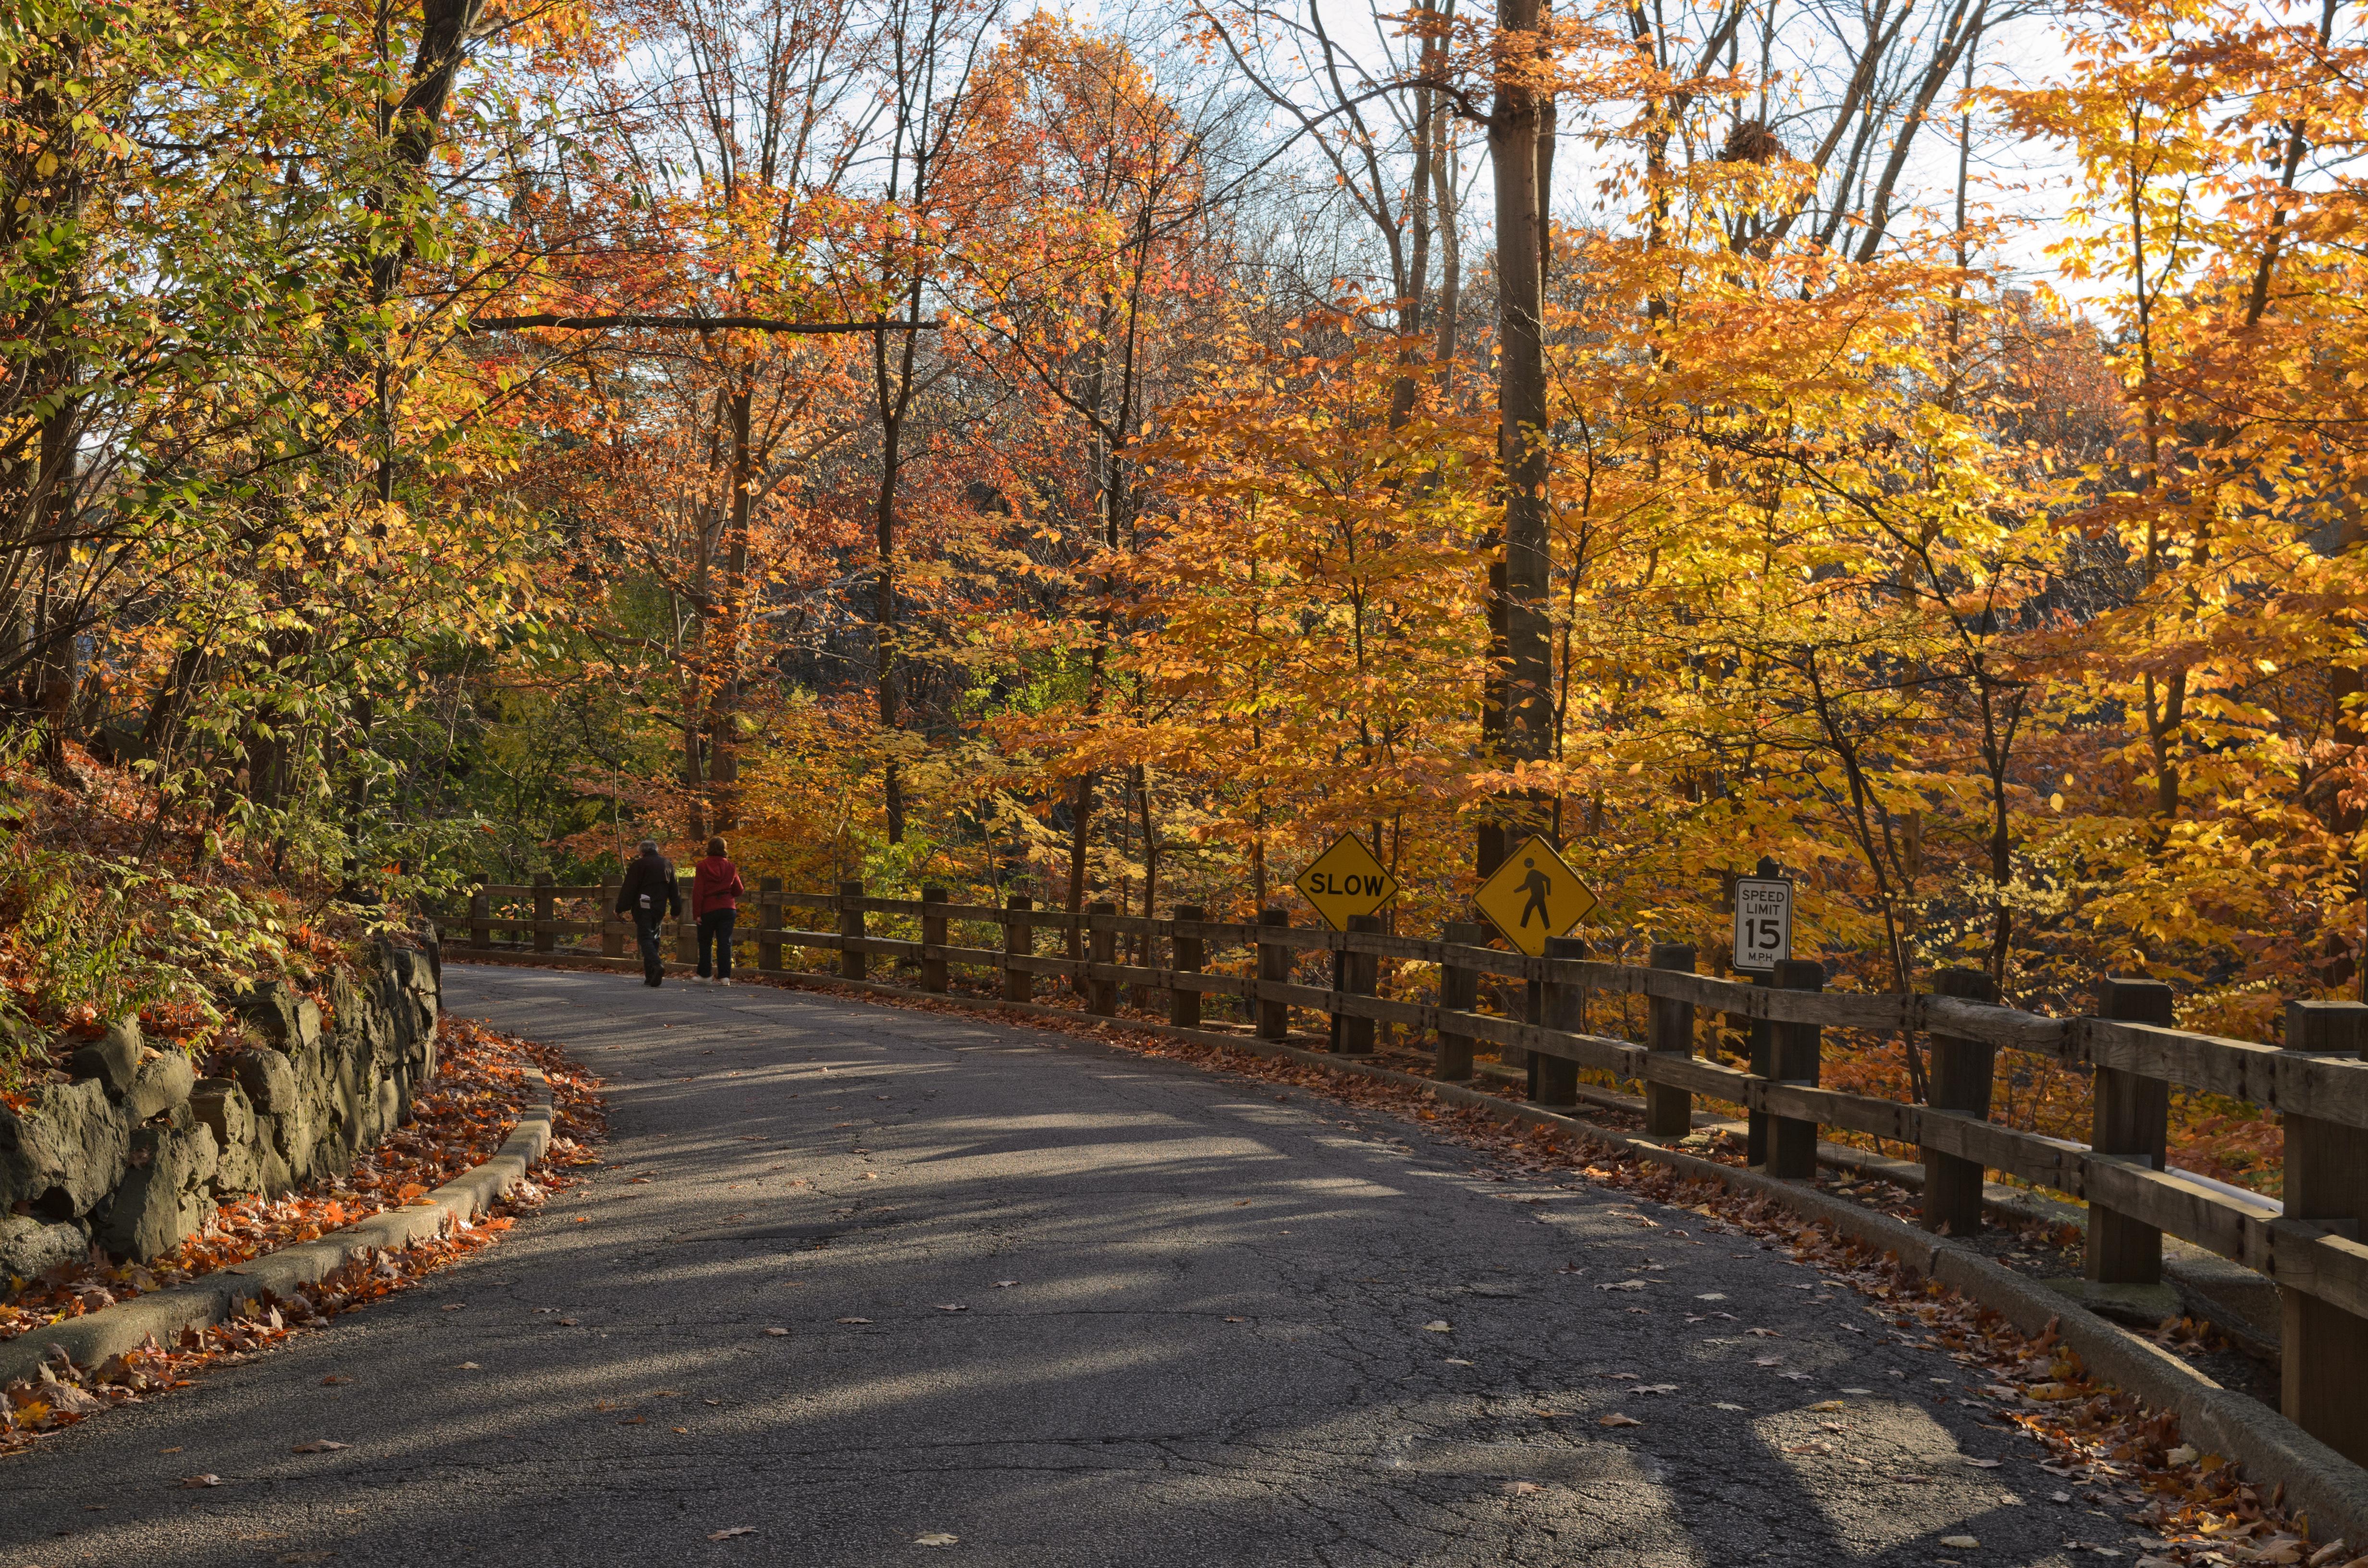 File:New York Botanical Garden November 2015 004.jpg - Wikimedia Commons